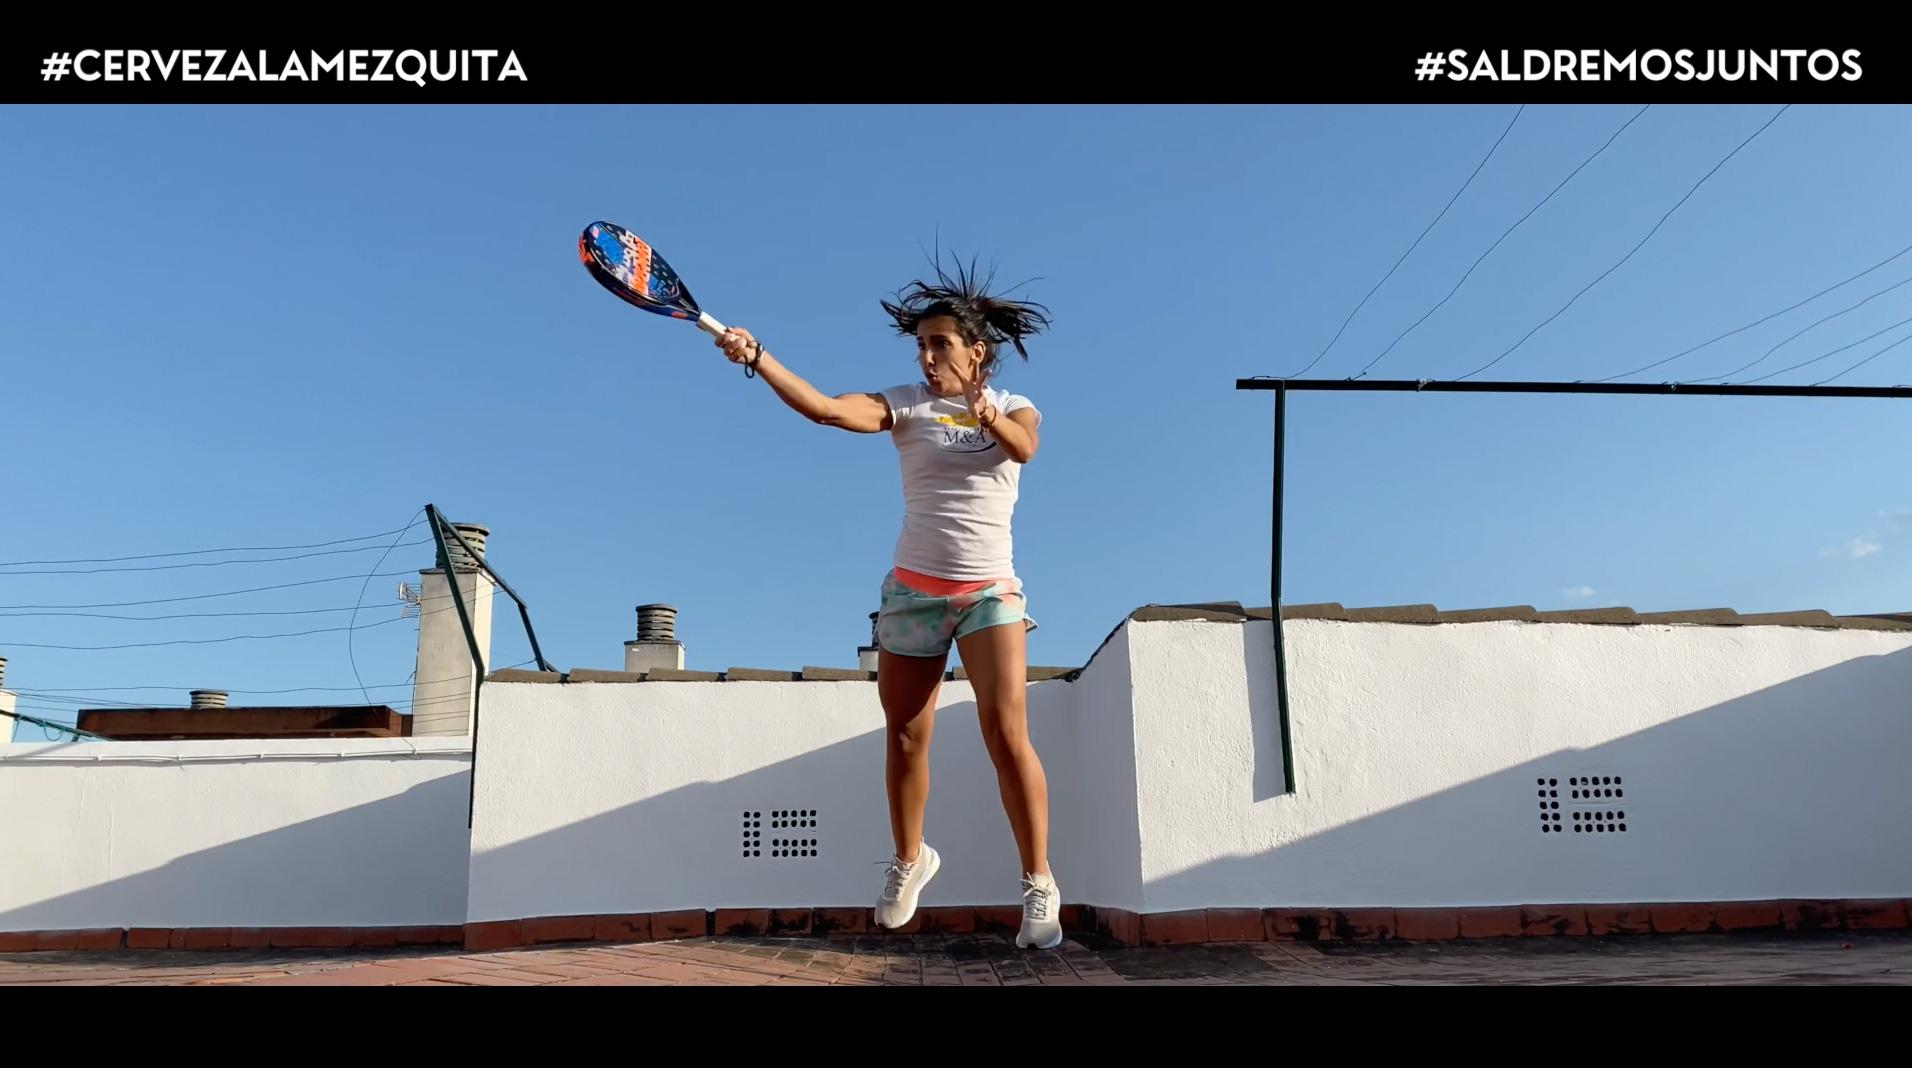 #SaldremosJuntos con Alba Izquierdo